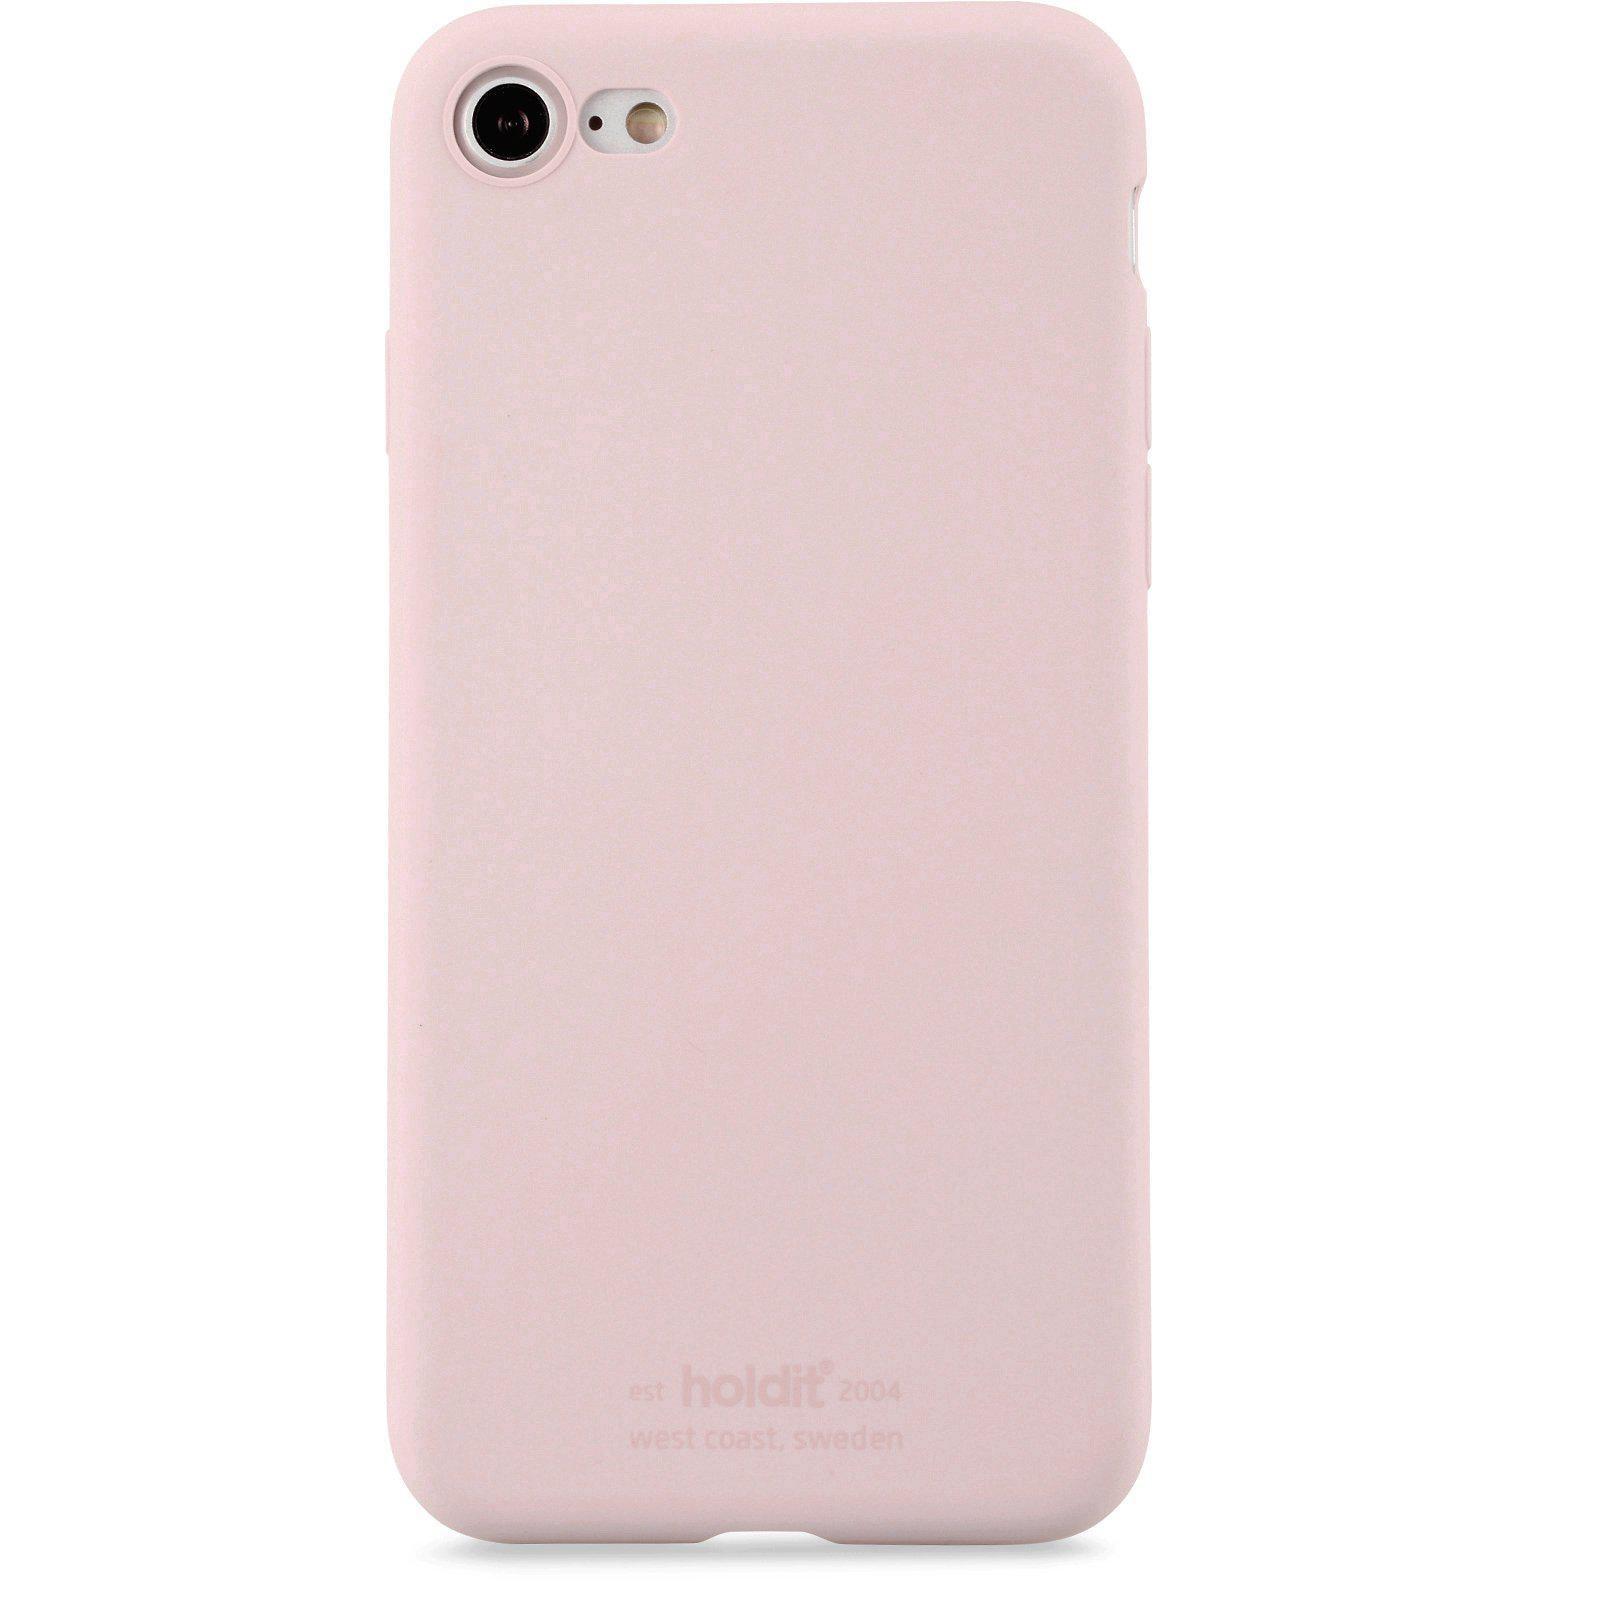 Silikonskal iPhone 7/8/SE 2020 Blush Pink